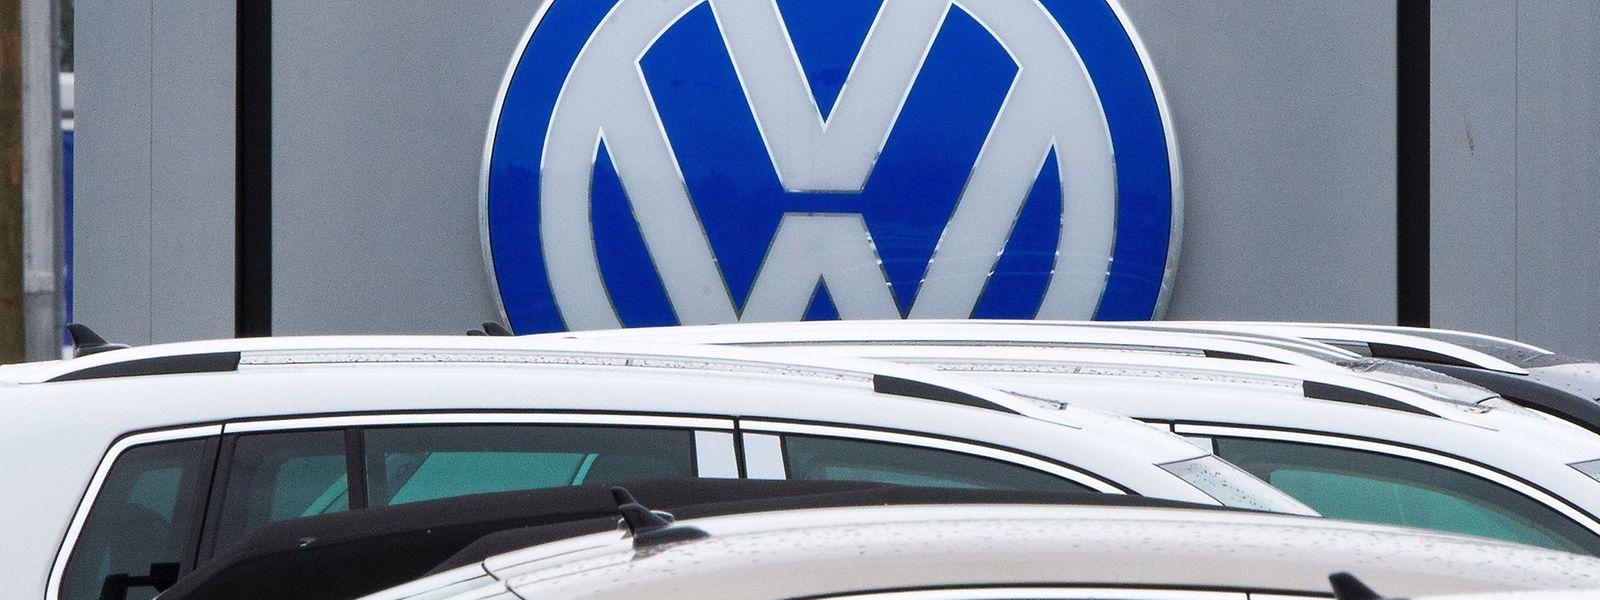 Im Alltagsgeschäft blieb der befürchtete Absatzeinbruch für VW auch in Luxemburg aus.